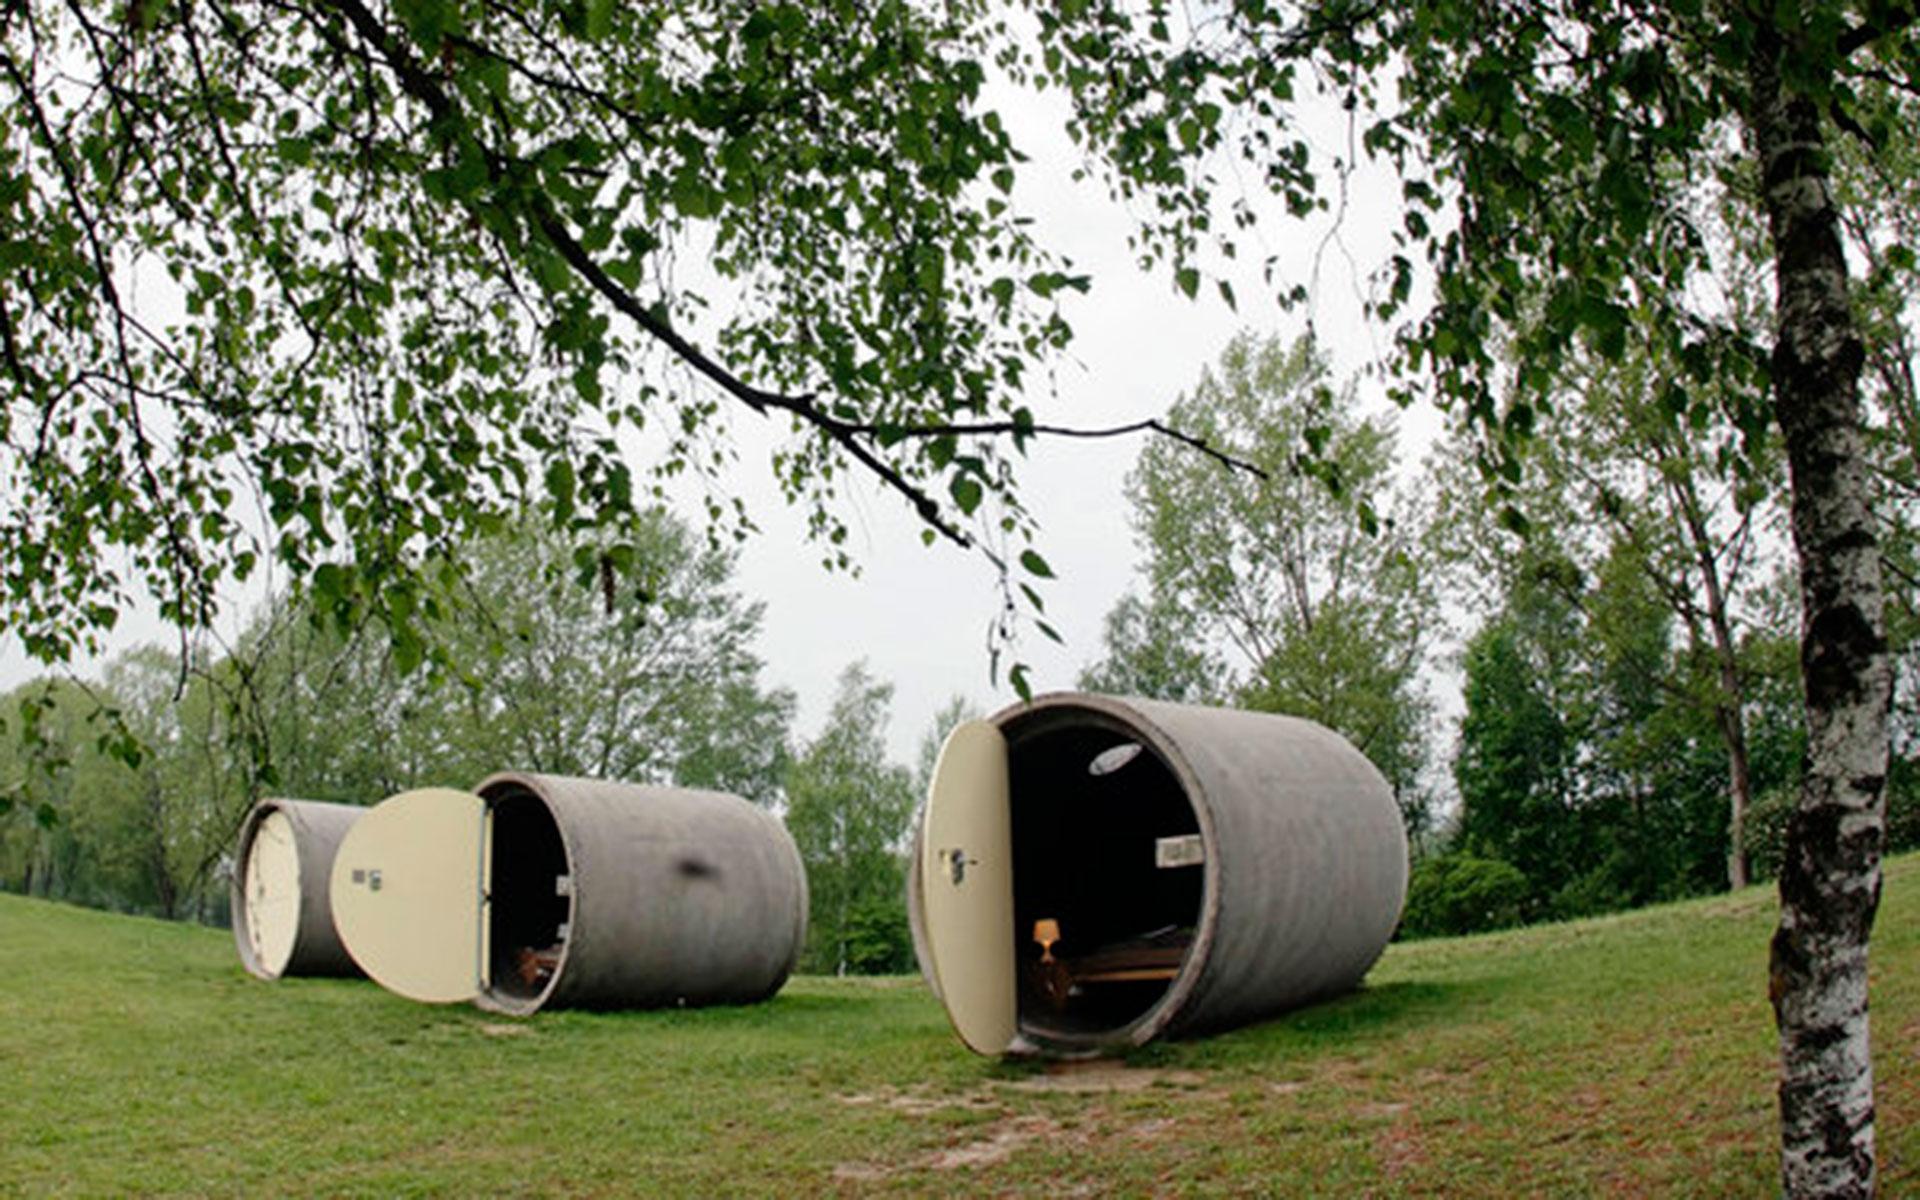 Dasparkhotel (Ottensheim, Austria). Consiste en viejos caños de desagüe convertidos en habitaciones, que están distribuidas en un parque público. Se paga lo que el huésped decida (Reuters/Heinz-Peter Bader)